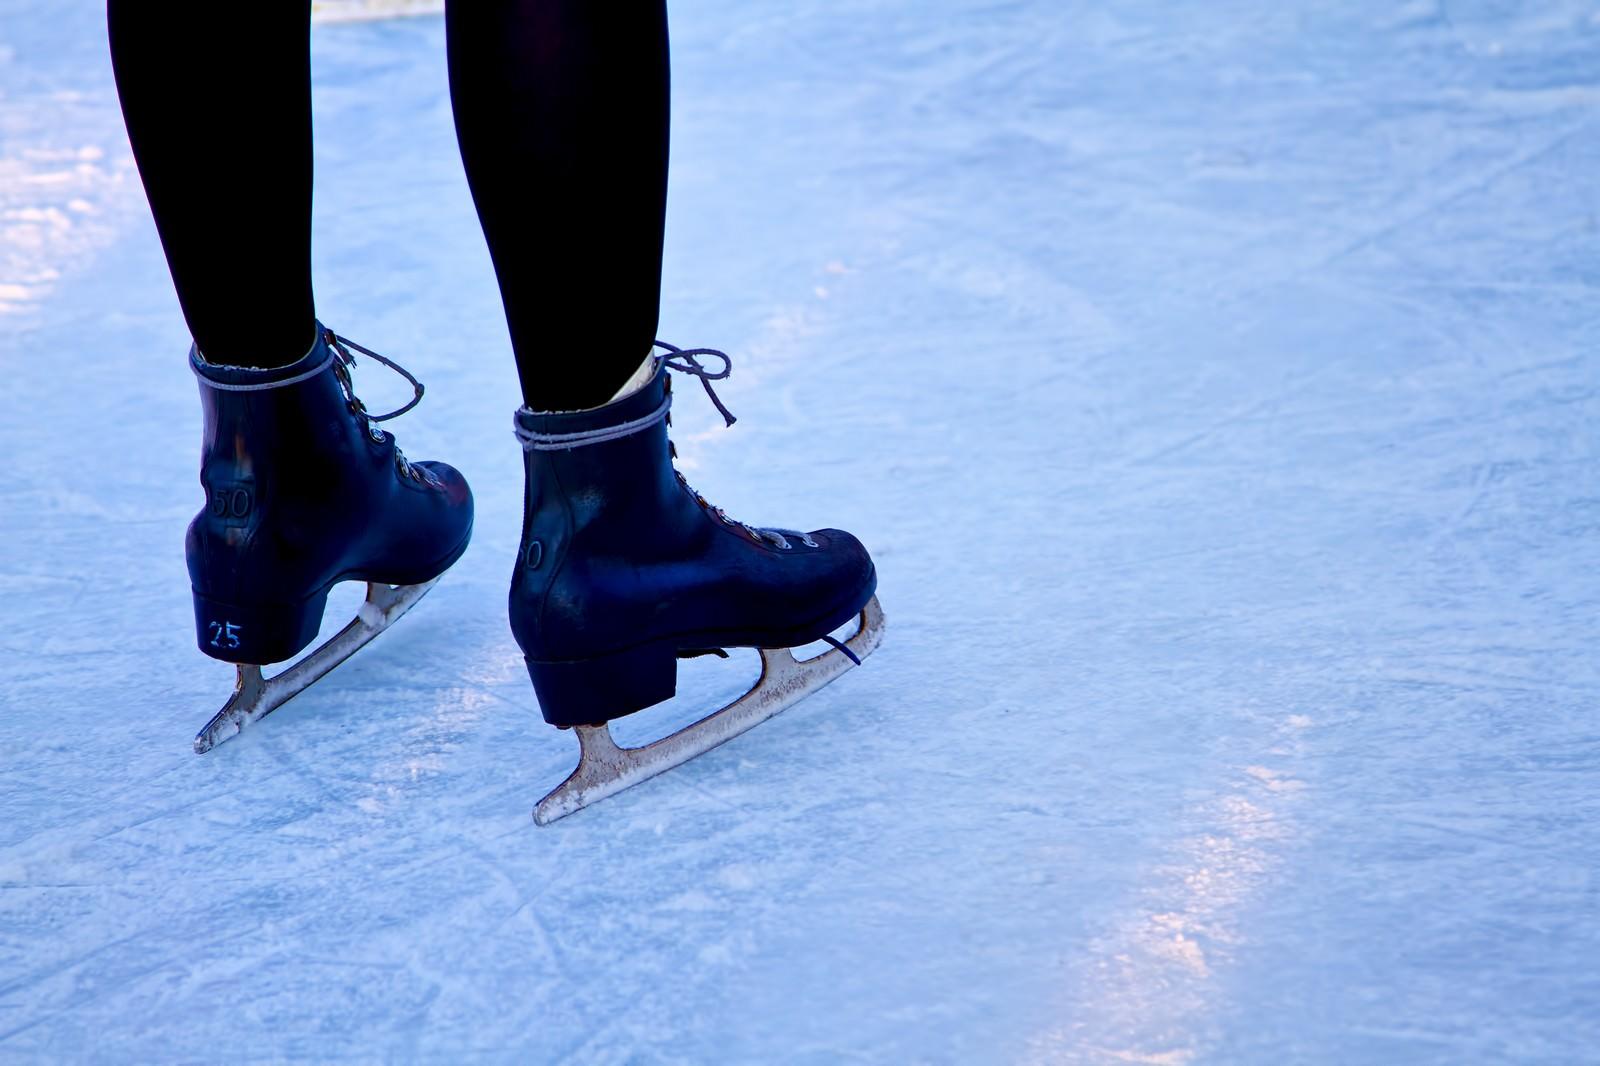 「アイススケート 画像 フリー」の画像検索結果